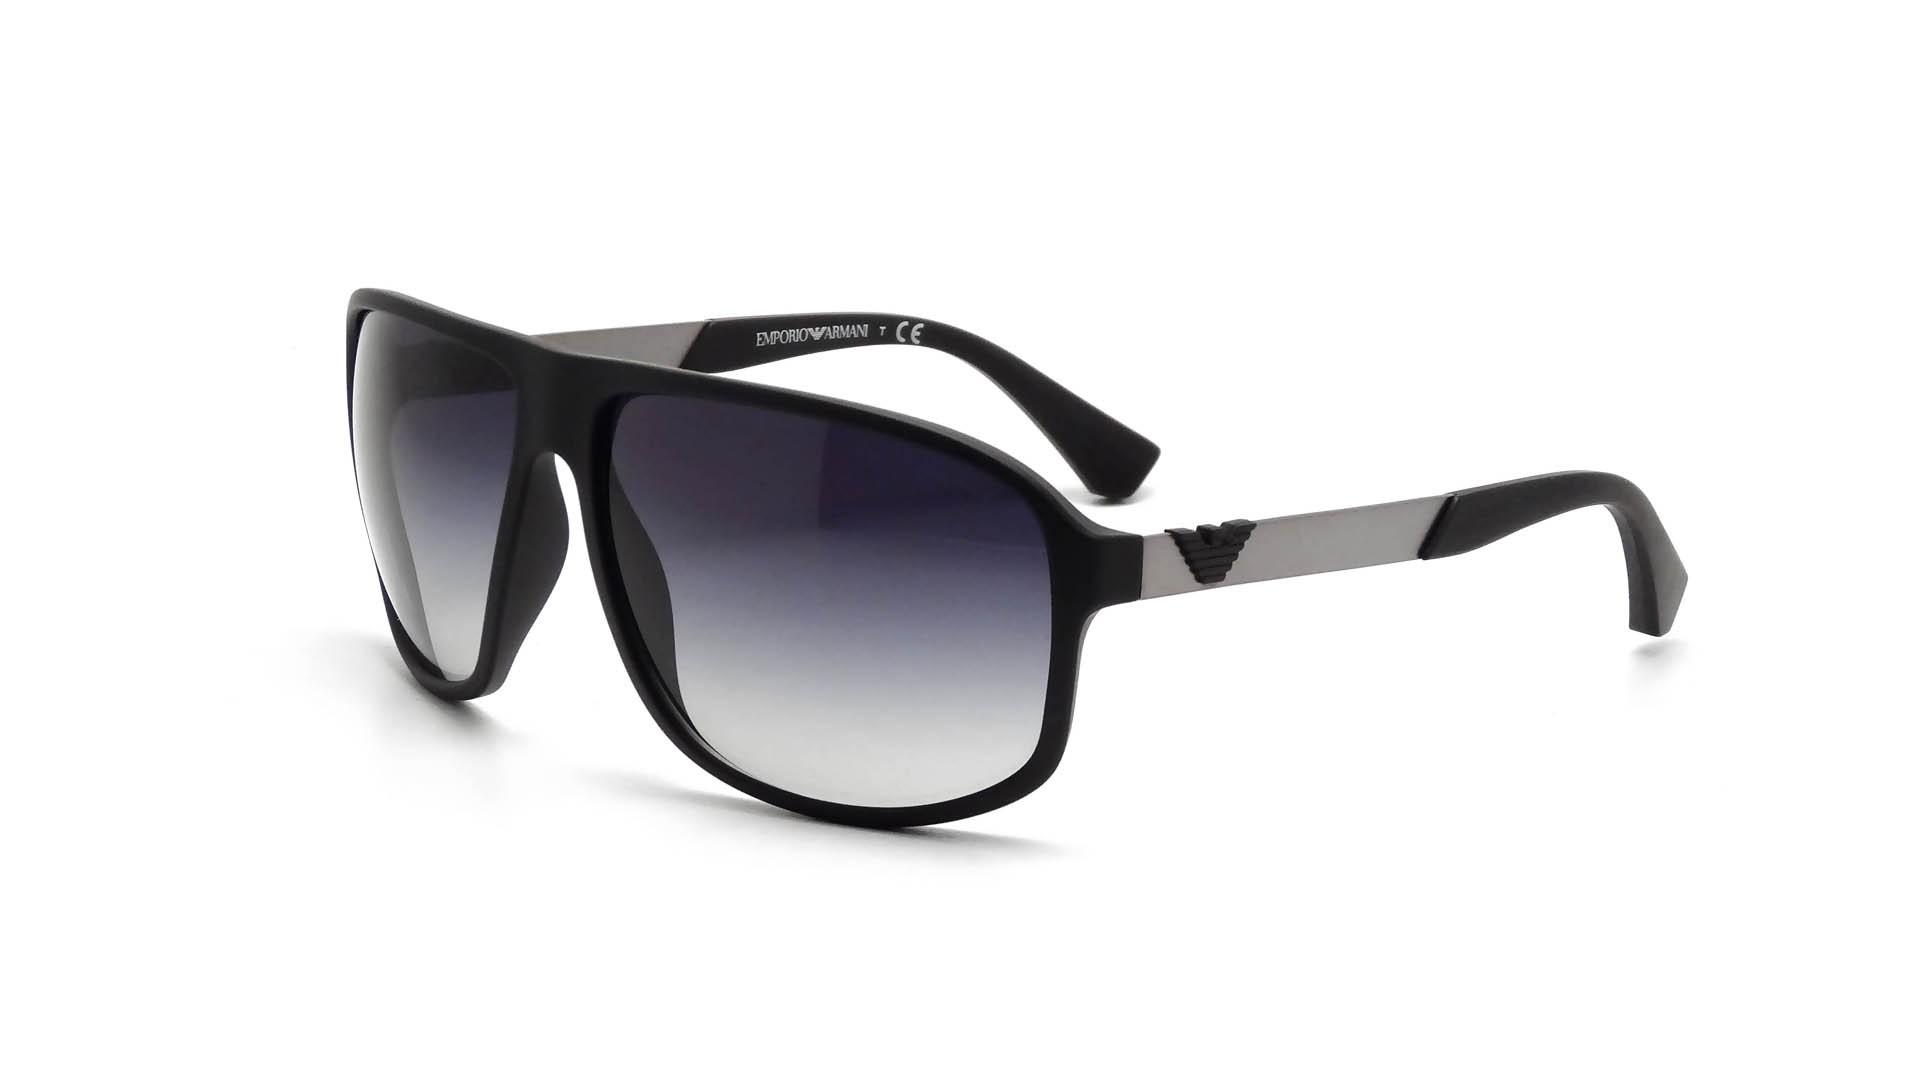 712f26c7a70 Emporio Armani Aviator Sunglasses Transparent Light Grey « One More Soul